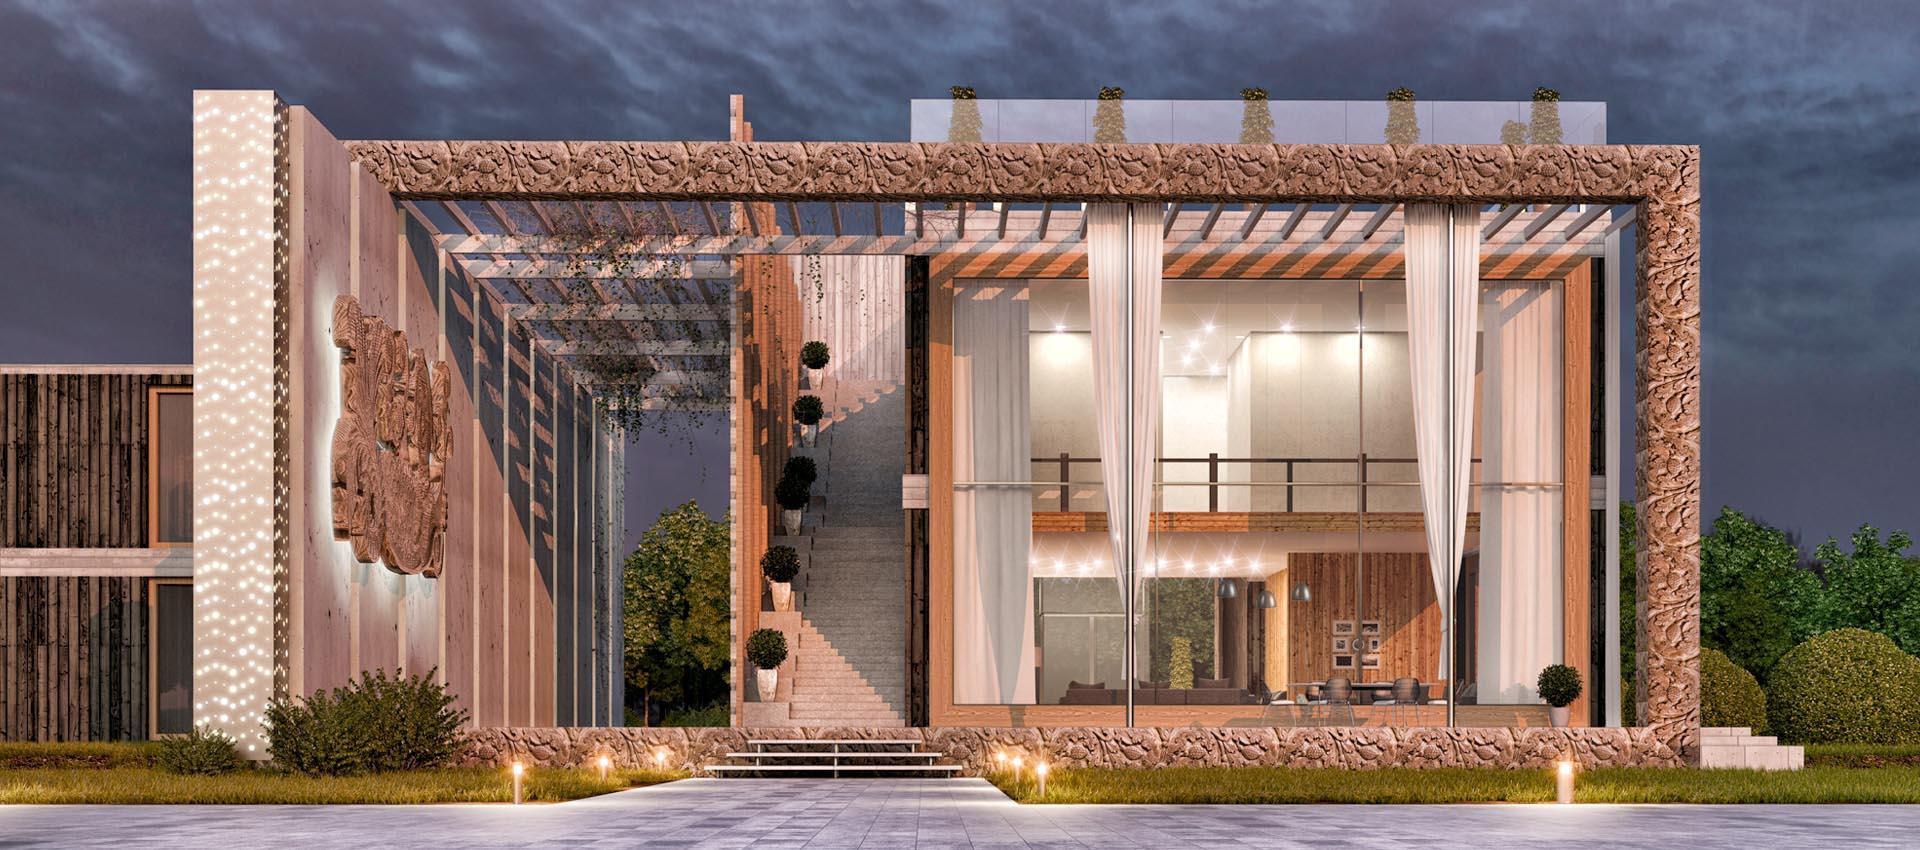 Стоимость разработки Архитектурно строительного проекта